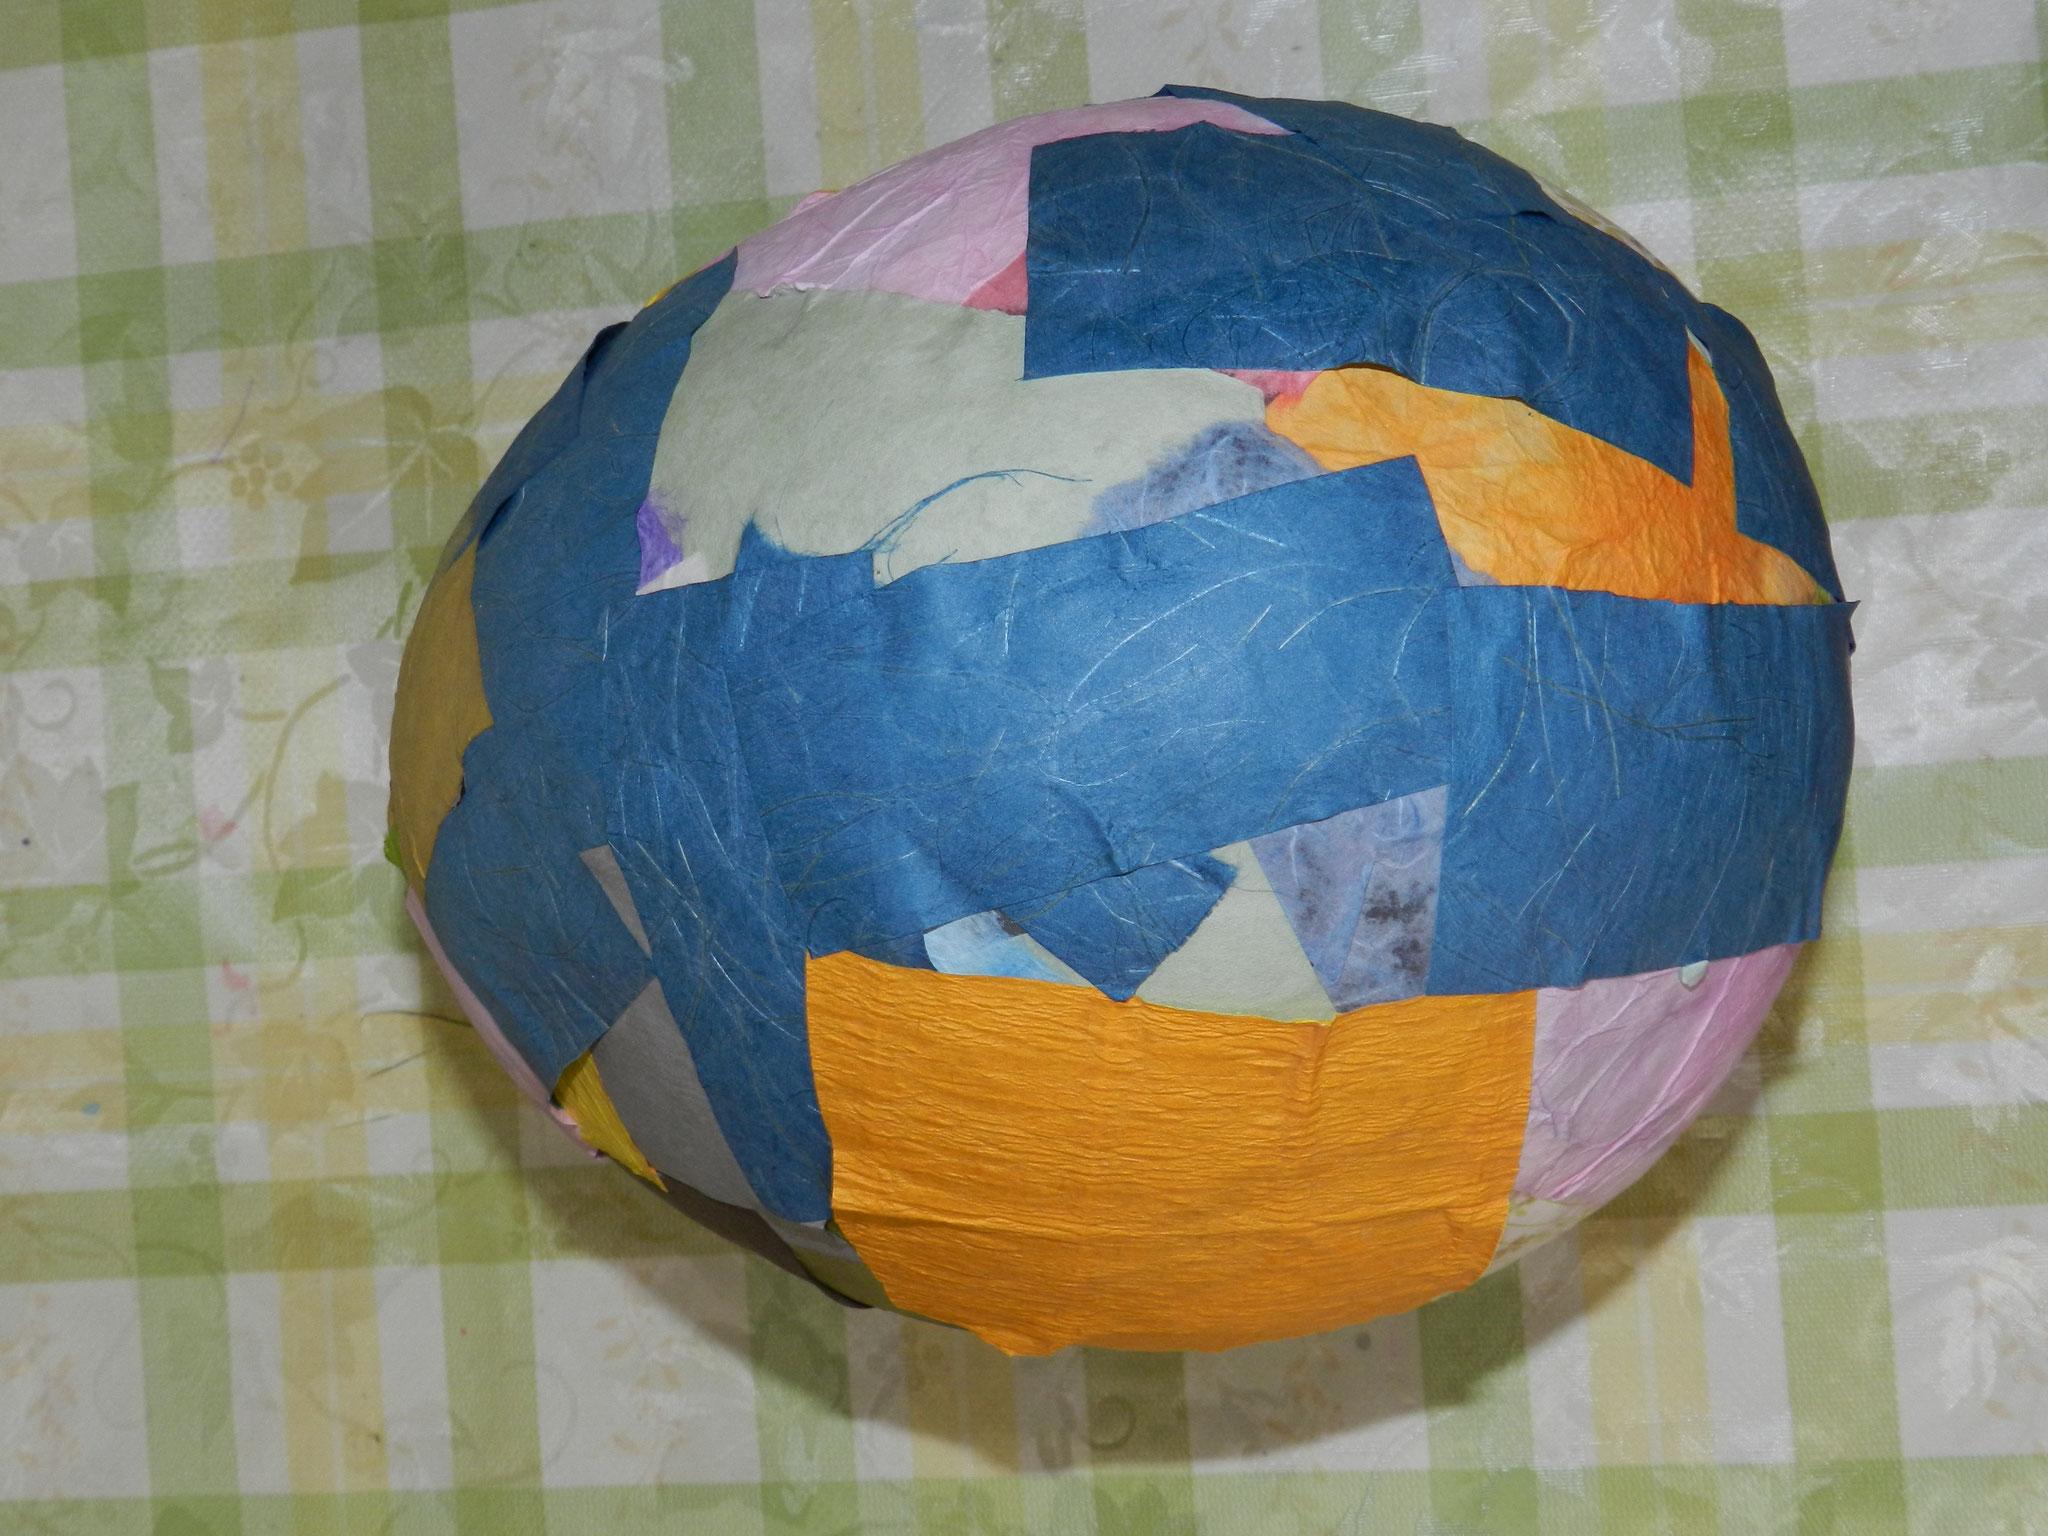 和紙で作った「恐竜の卵」★(小学1年)